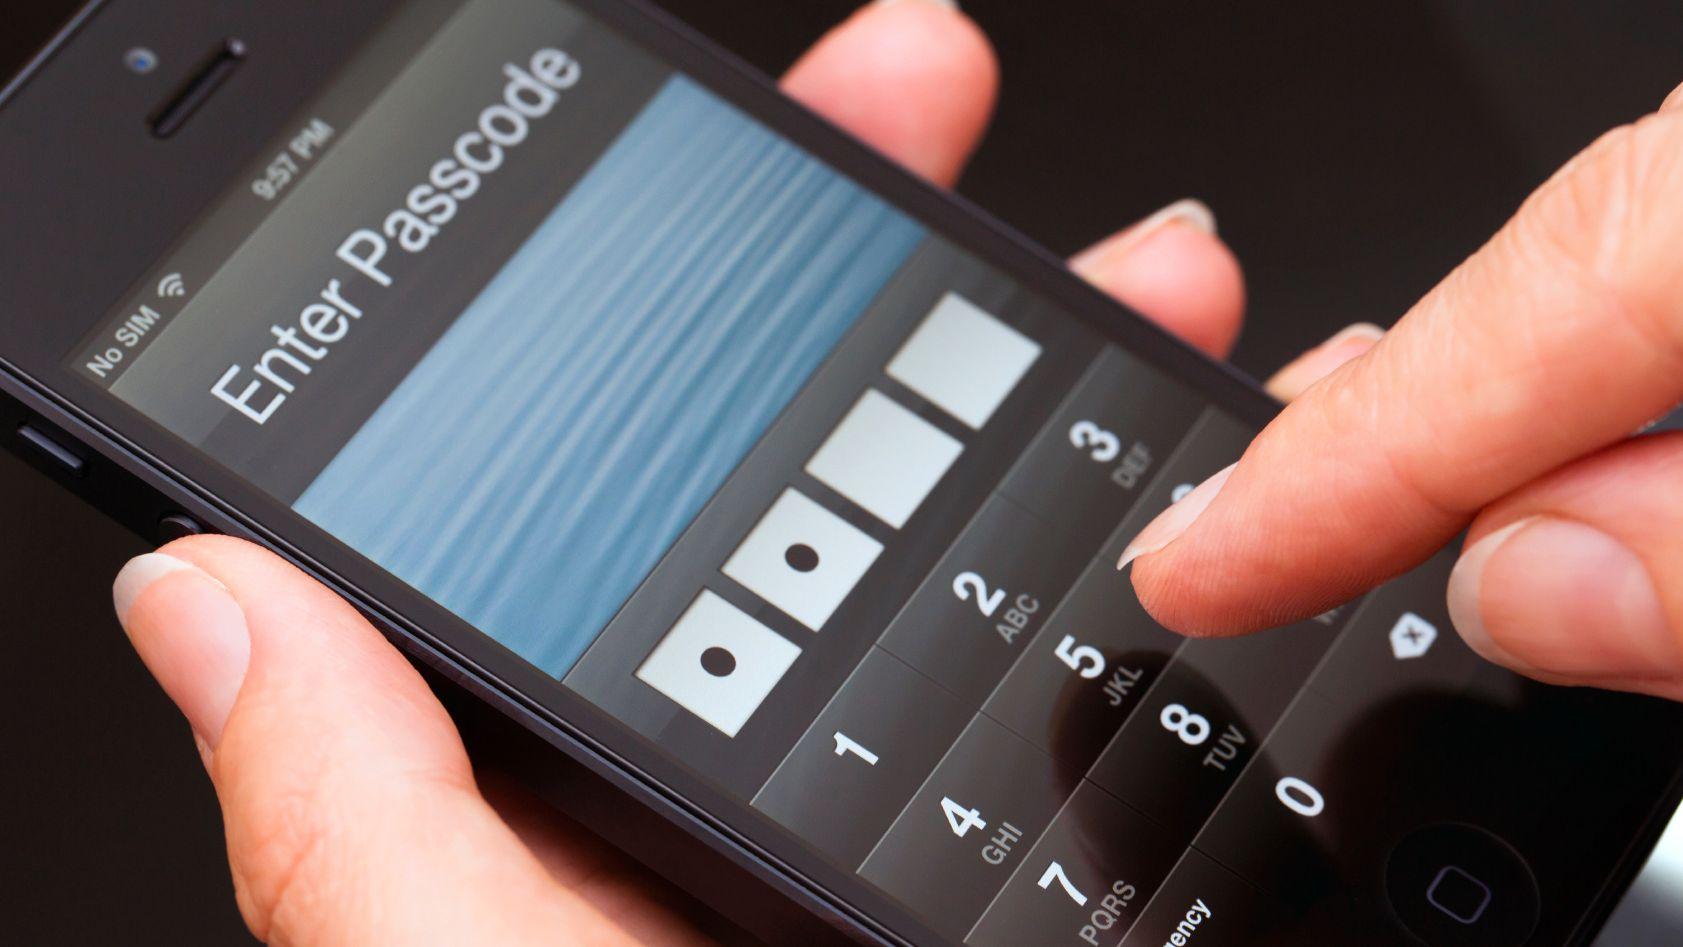 – Vi tar sjanser med mobilen